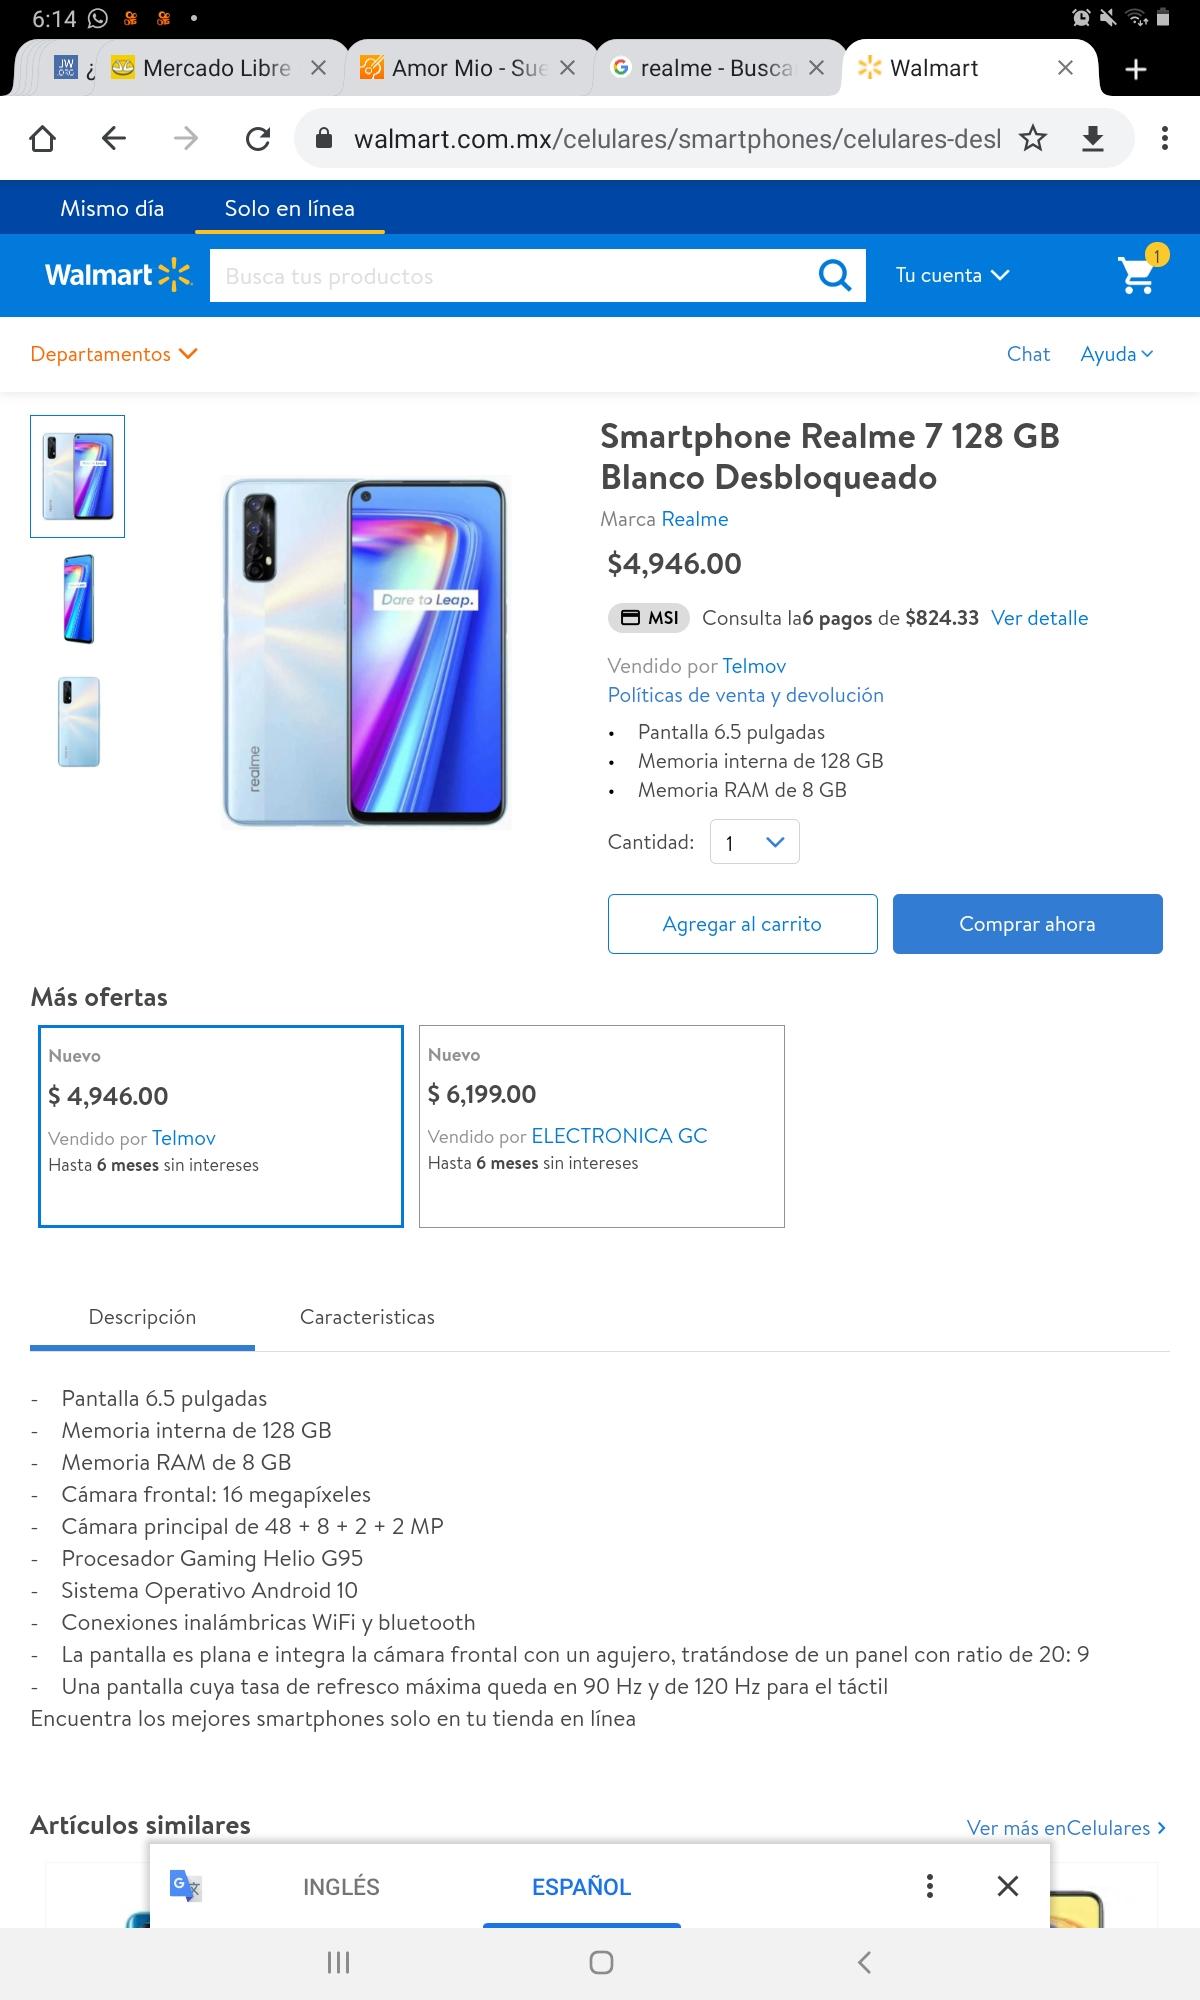 Smartphone Realme 7 128 GB Blanco Desbloqueado-Walmart